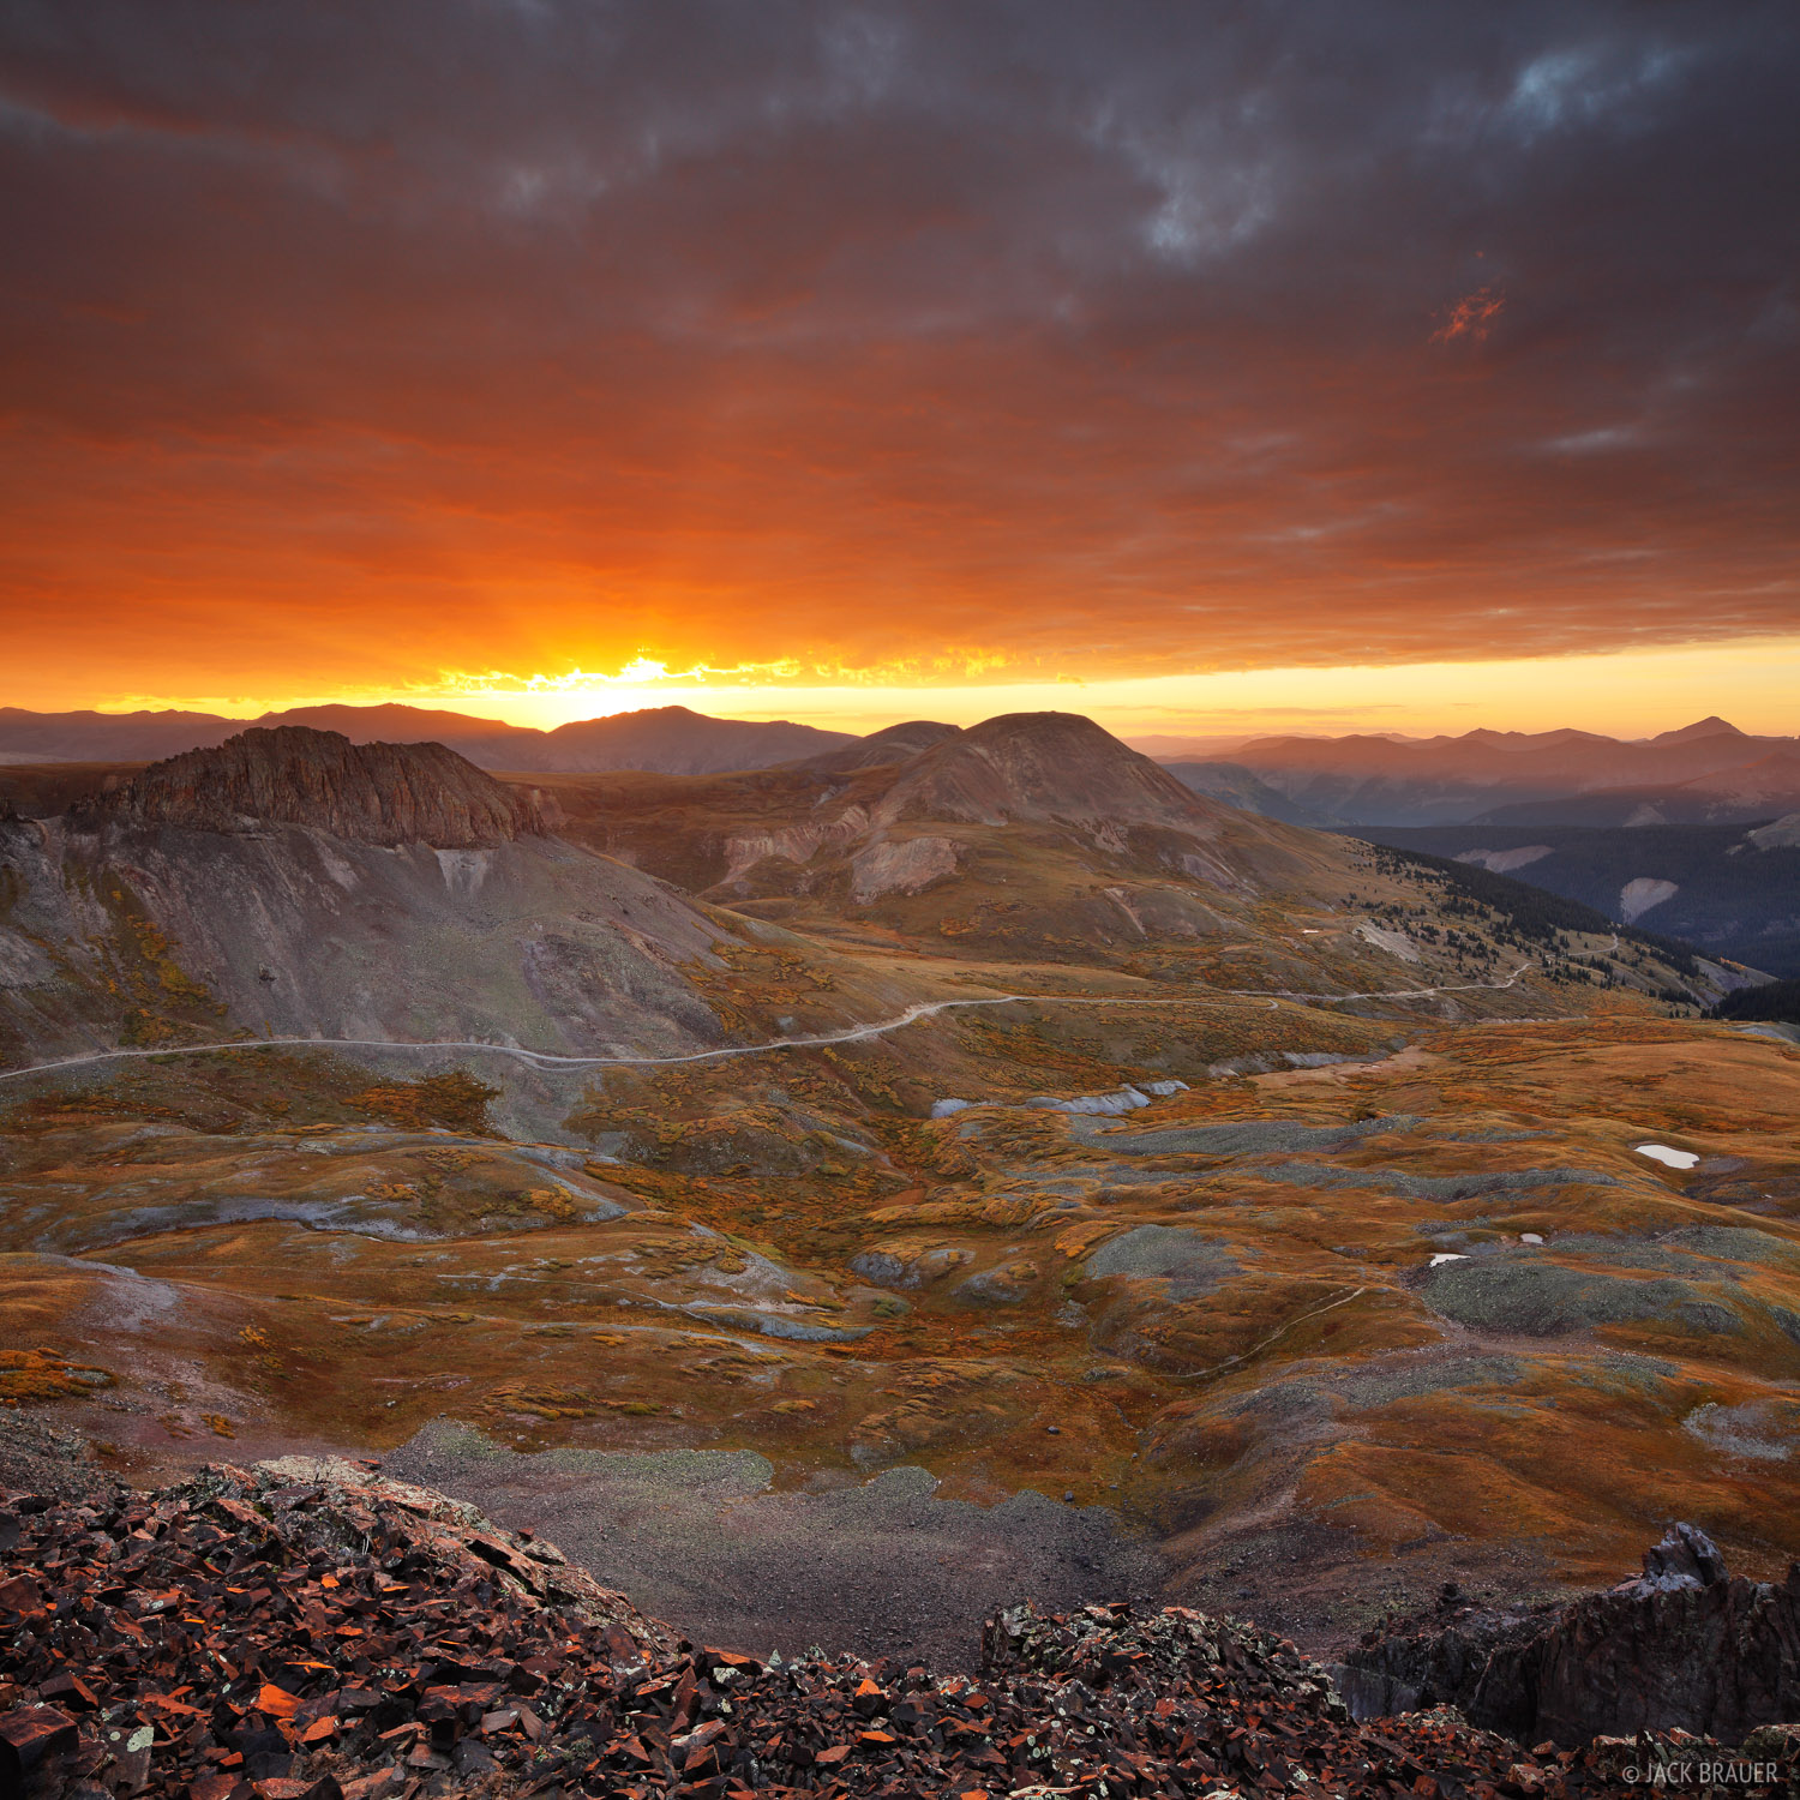 Stony Pass, sunrise, Silverton, San Juan Mountains, Colorado, photo